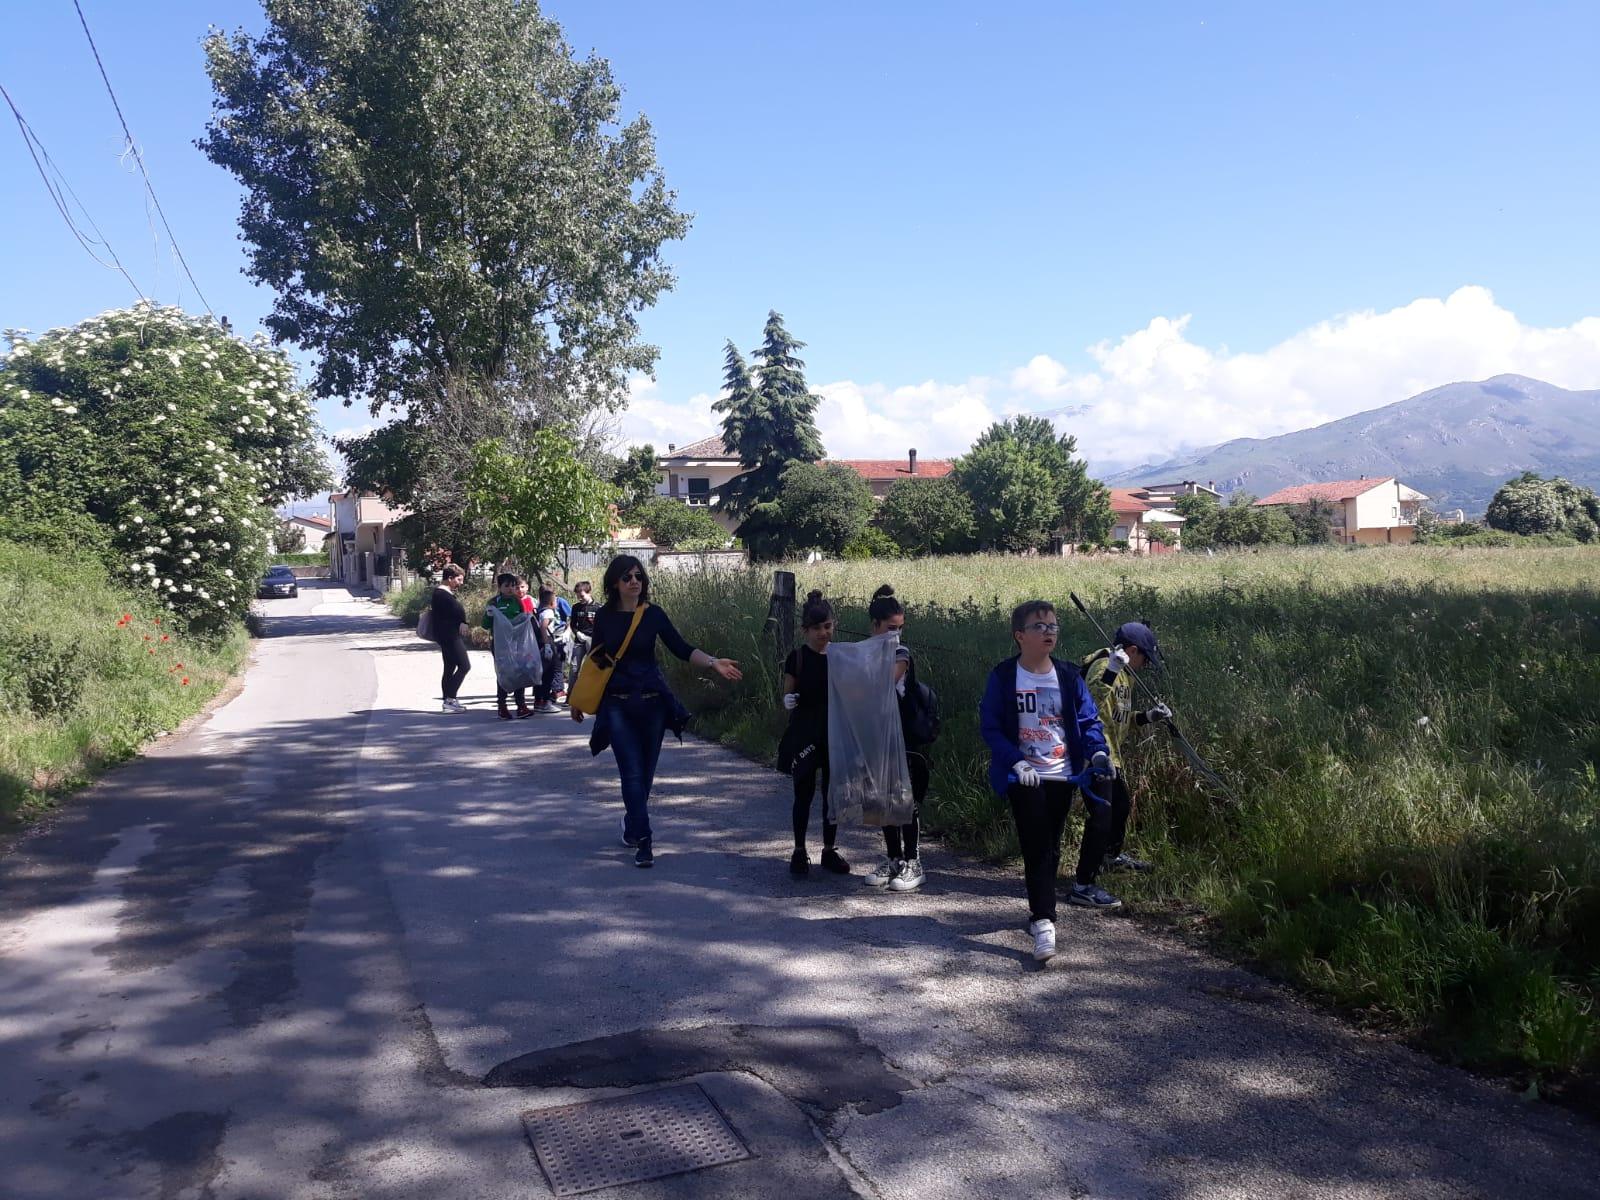 Tekneko entra nelle scuole di Avezzano e sensibilizza gli studenti nella pulizia dell'ambiente in cui vivono